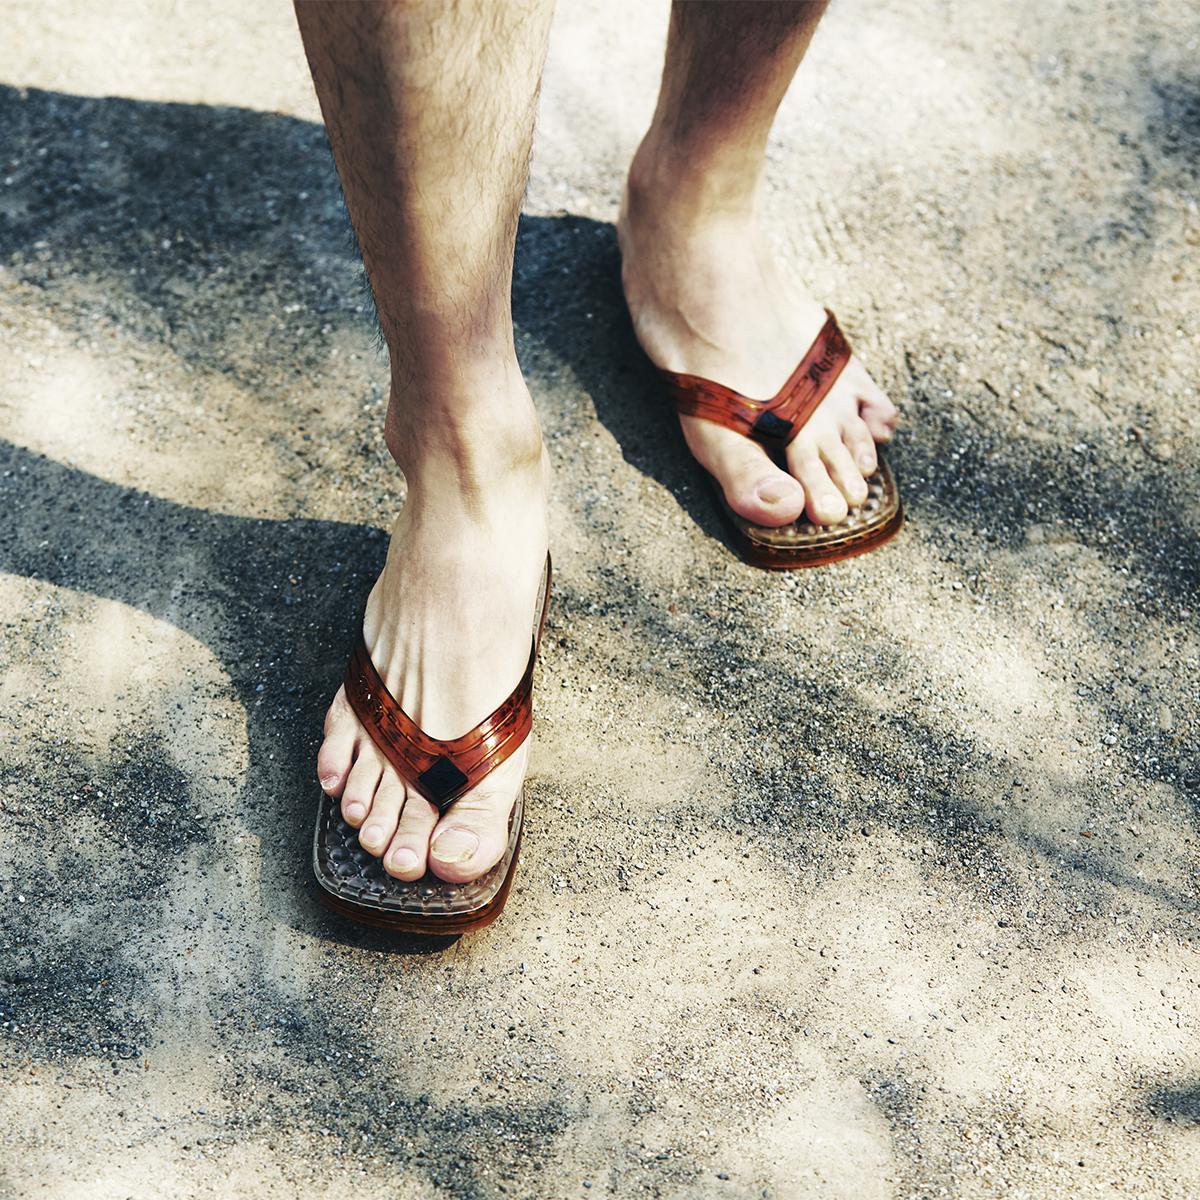 暑い日に素足で履きっぱなしでも気持ちいいし、海水浴やシャワー上がりに履くのもおすすめです。汗をかいても足裏がべたつかずサラサラのお洒落な「健康サンダル」|SENSI